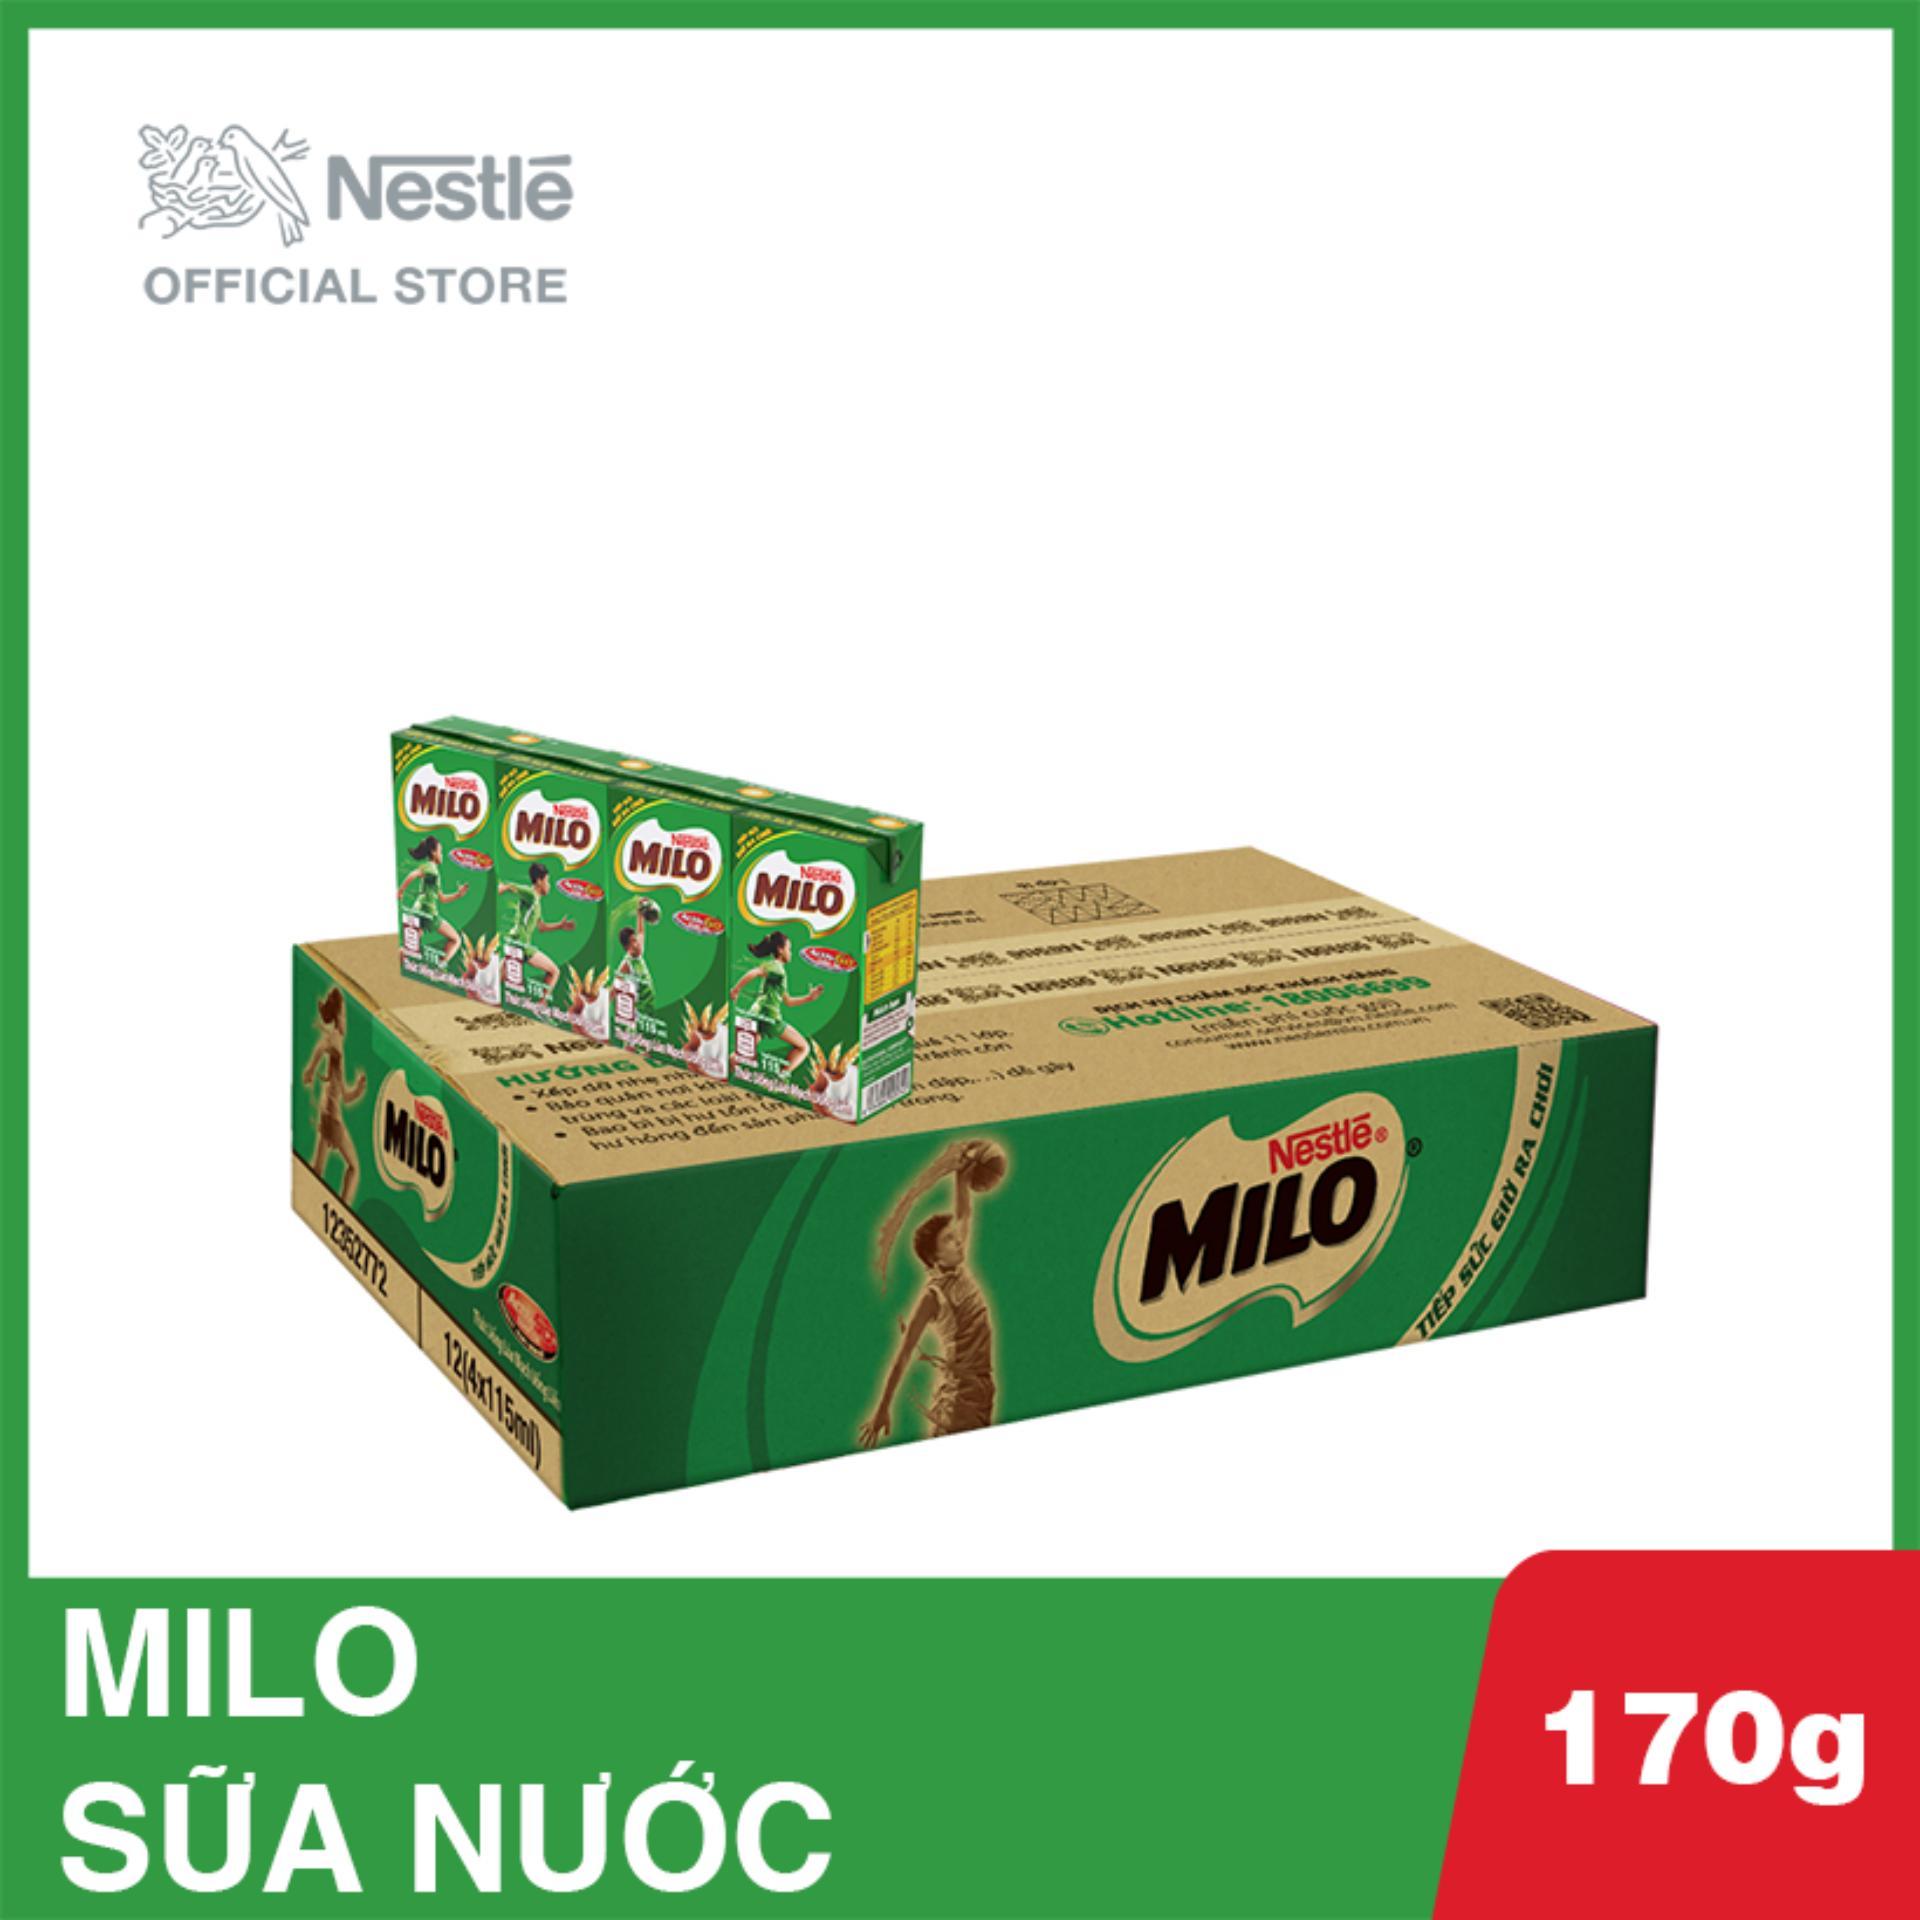 Thùng 48 Hộp Thức Uống Lúa Mạch Uống Liền Nestlé MILO 115ml - 12 Lốc X 4 Hộp X 115ml Bất Ngờ Ưu Đãi Giá